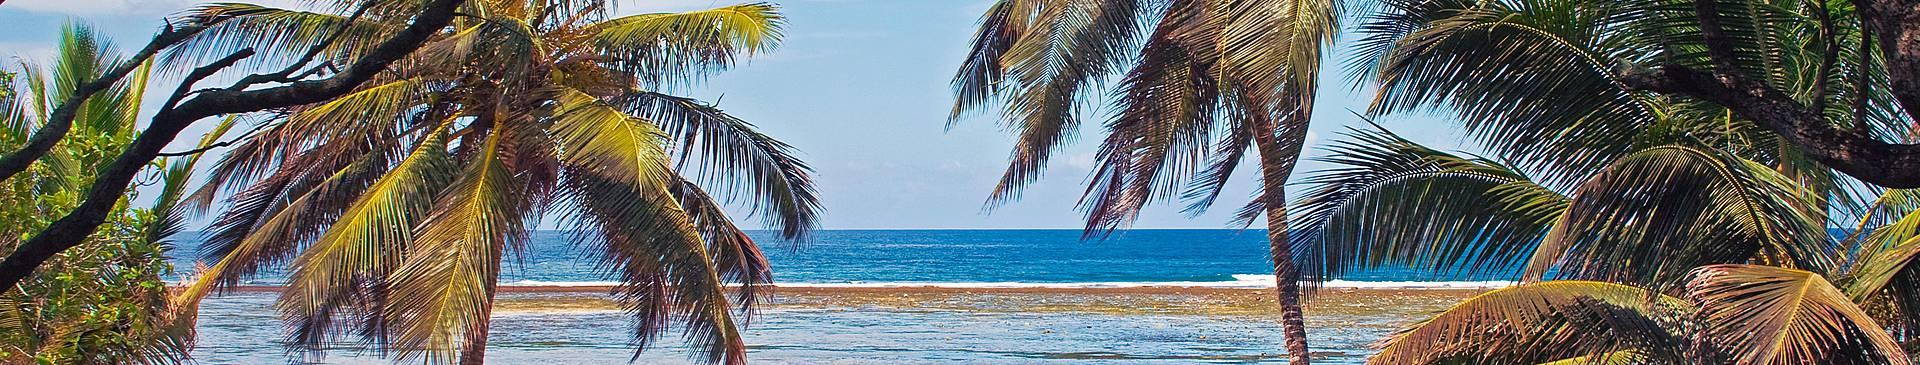 Viaggi al mare in Kenya